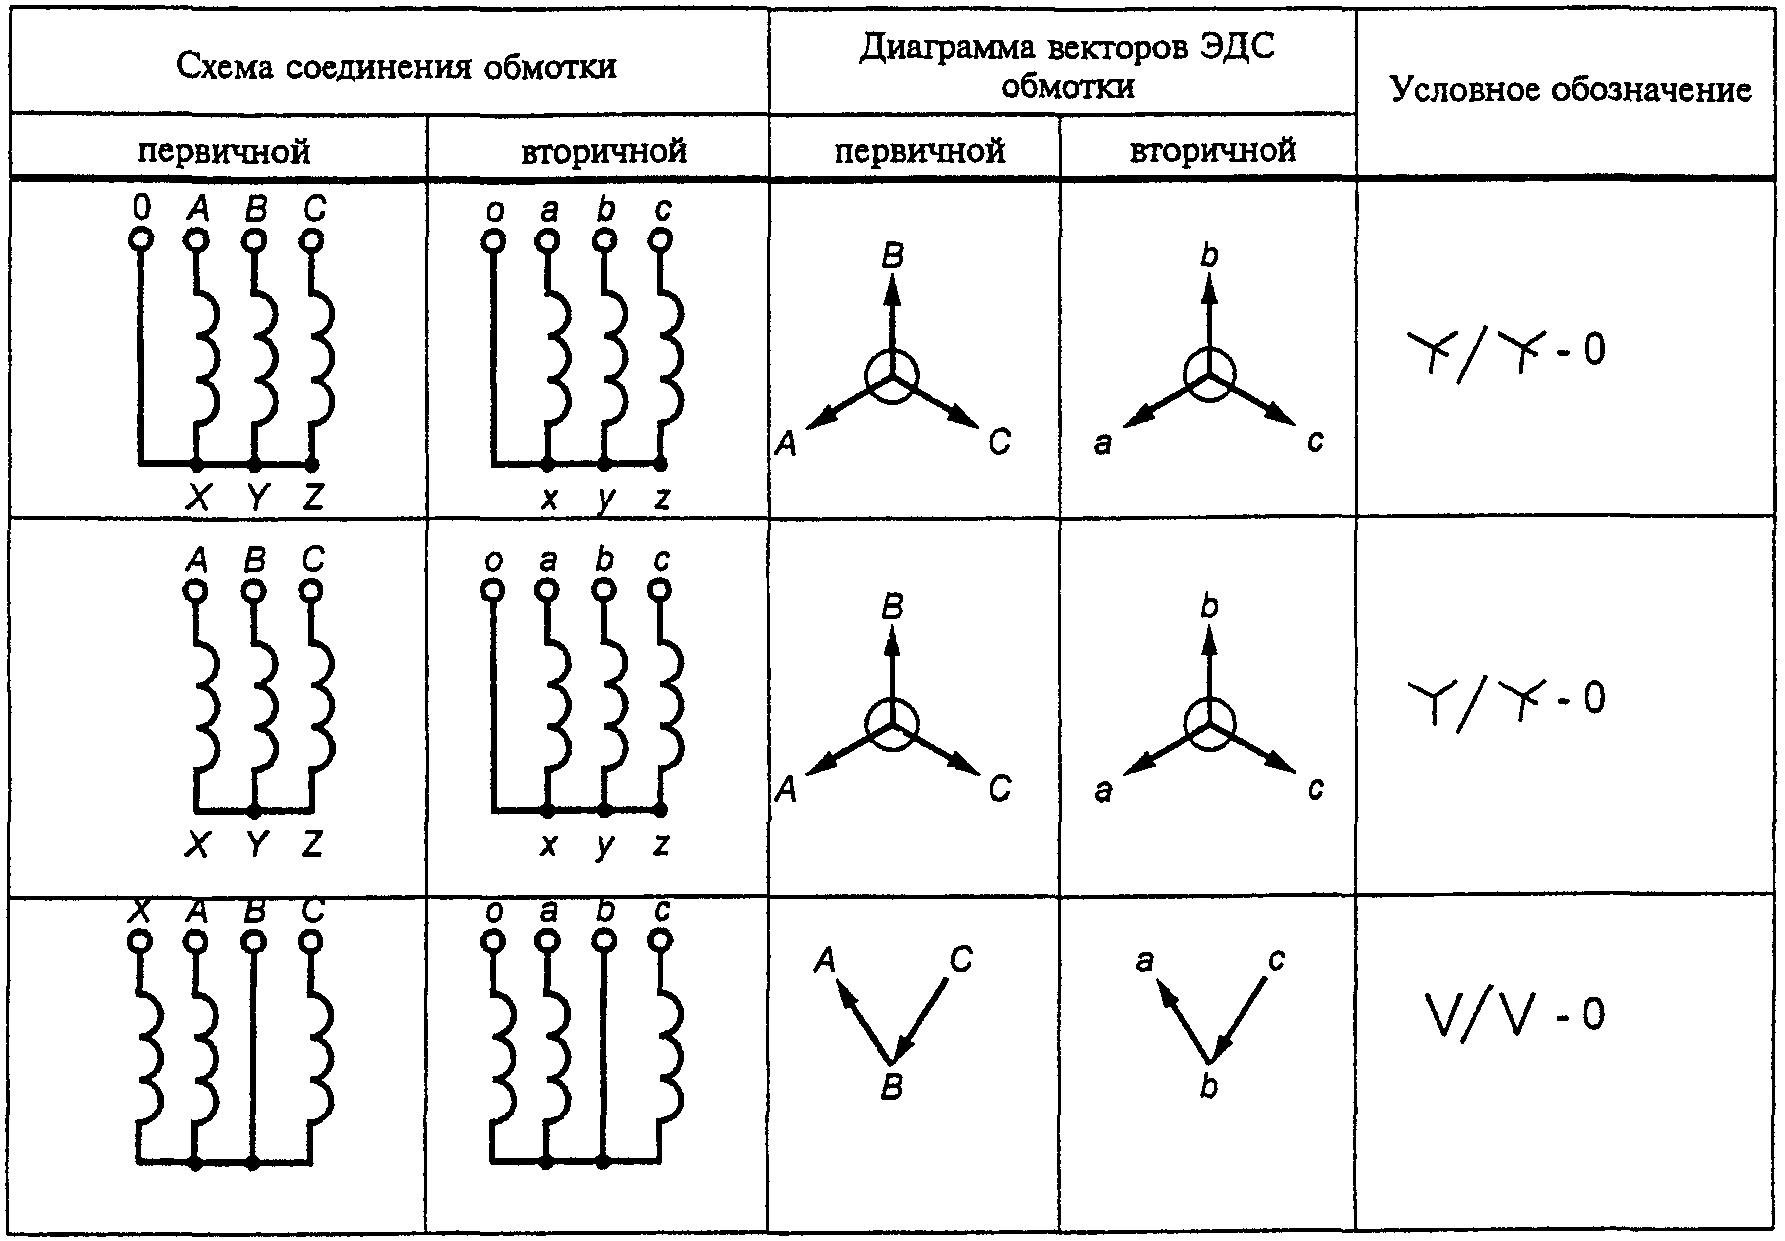 Таблица 9. трехфазных. угловой погрешности. двухобмоточных. с положительной компенсацией.  Схемы и группы соединений...